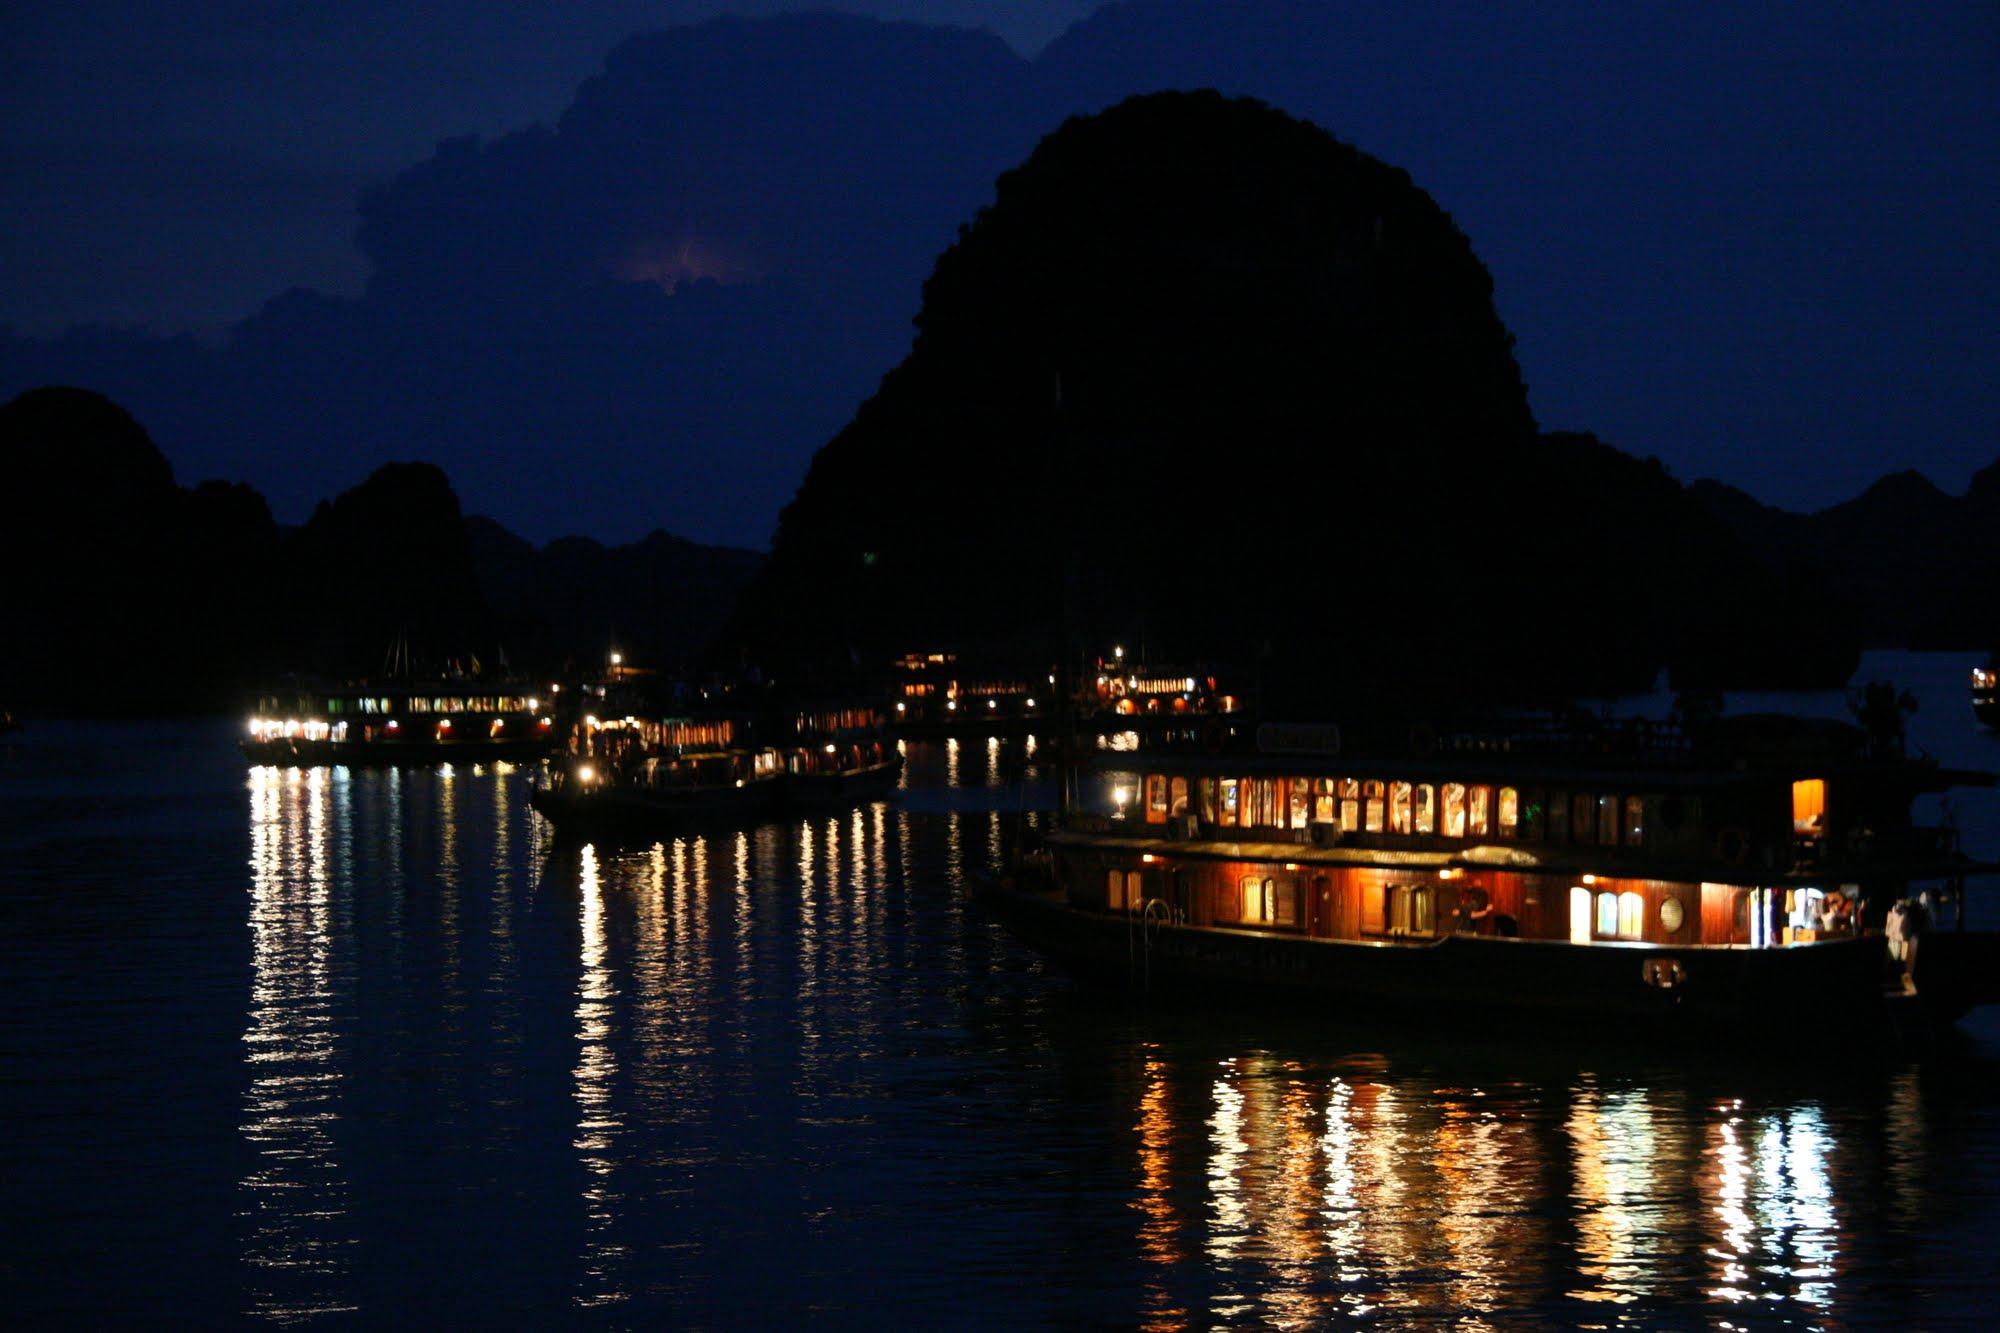 Thưởng ngoạn trêndu thuyền ở Vịnh Hạ Long